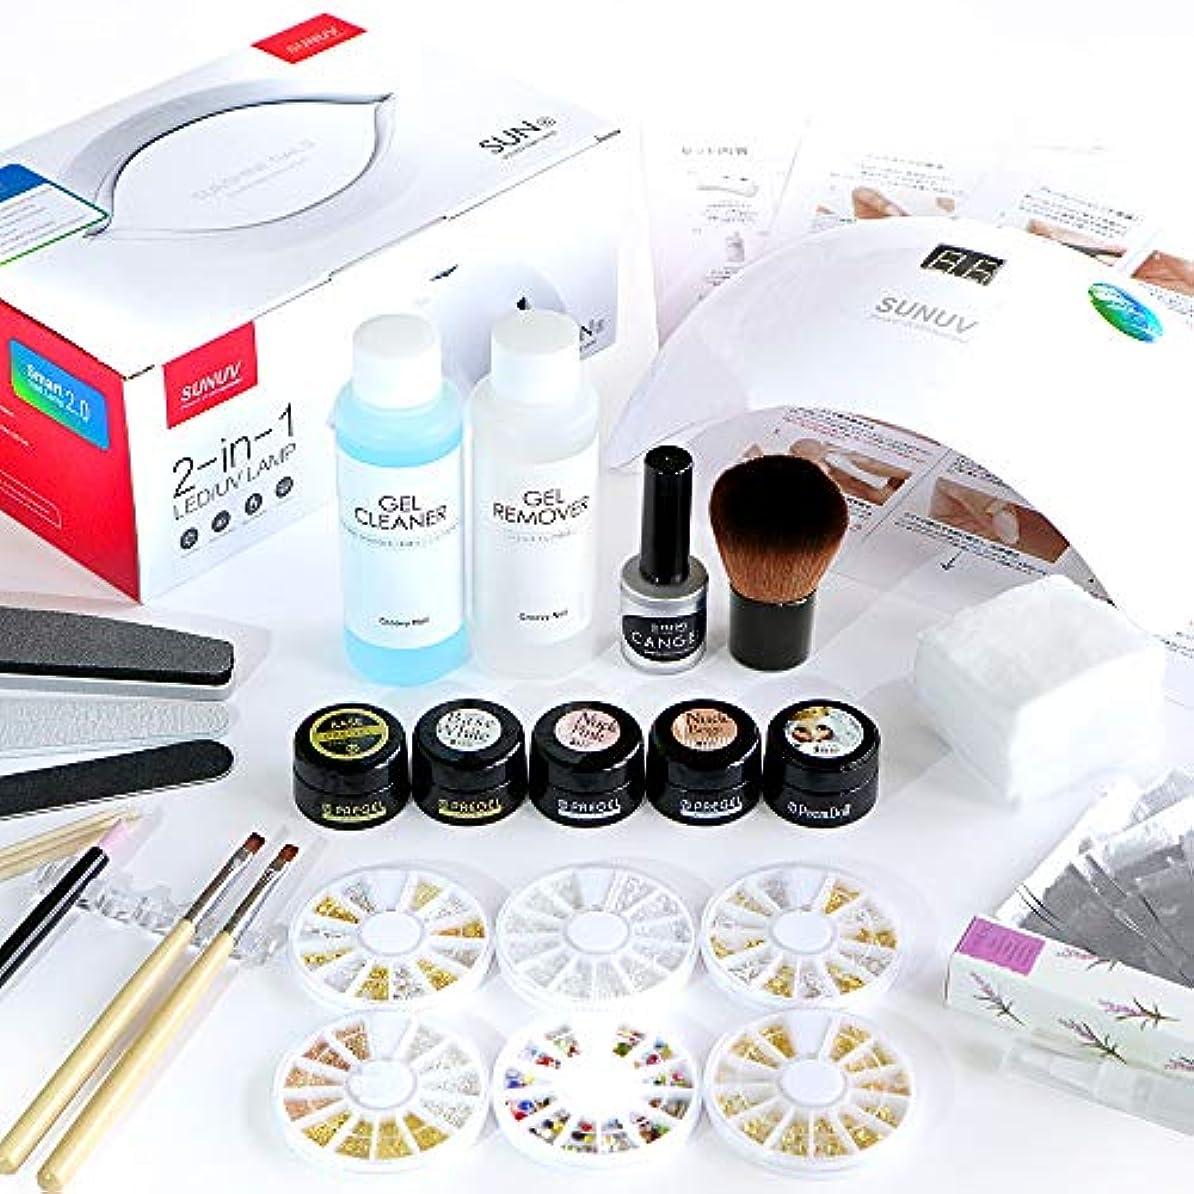 かなりのびん差別するPREGEL プリジェル ジェルネイル スターターキット 日本製カラージェル4色+LEDライト48W ネイルアート 初心者におすすめ